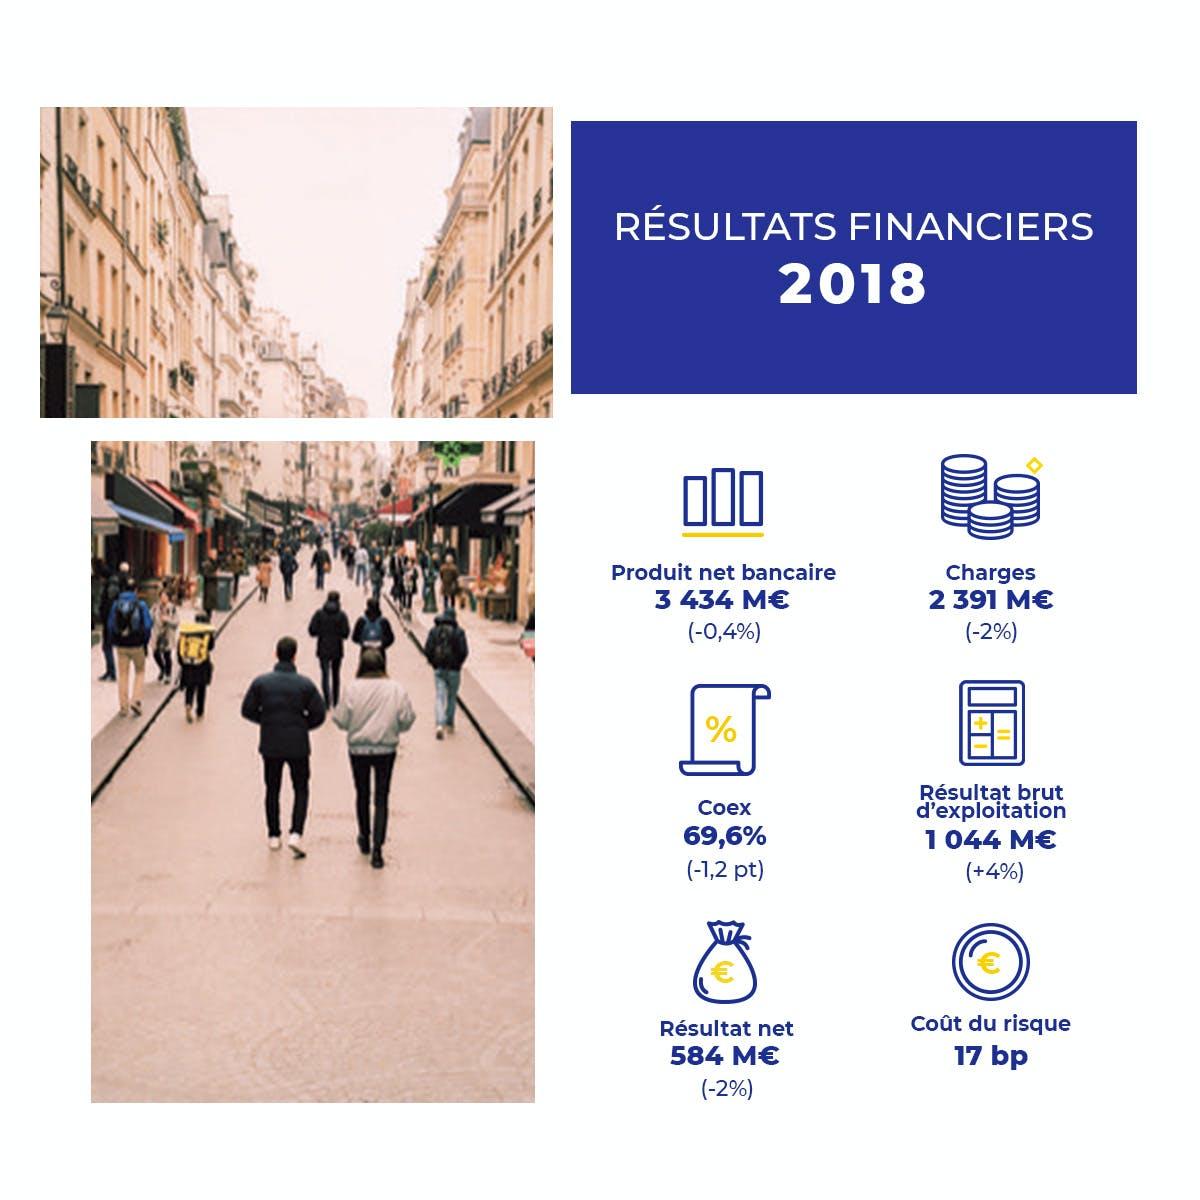 Résultats financiers 2018